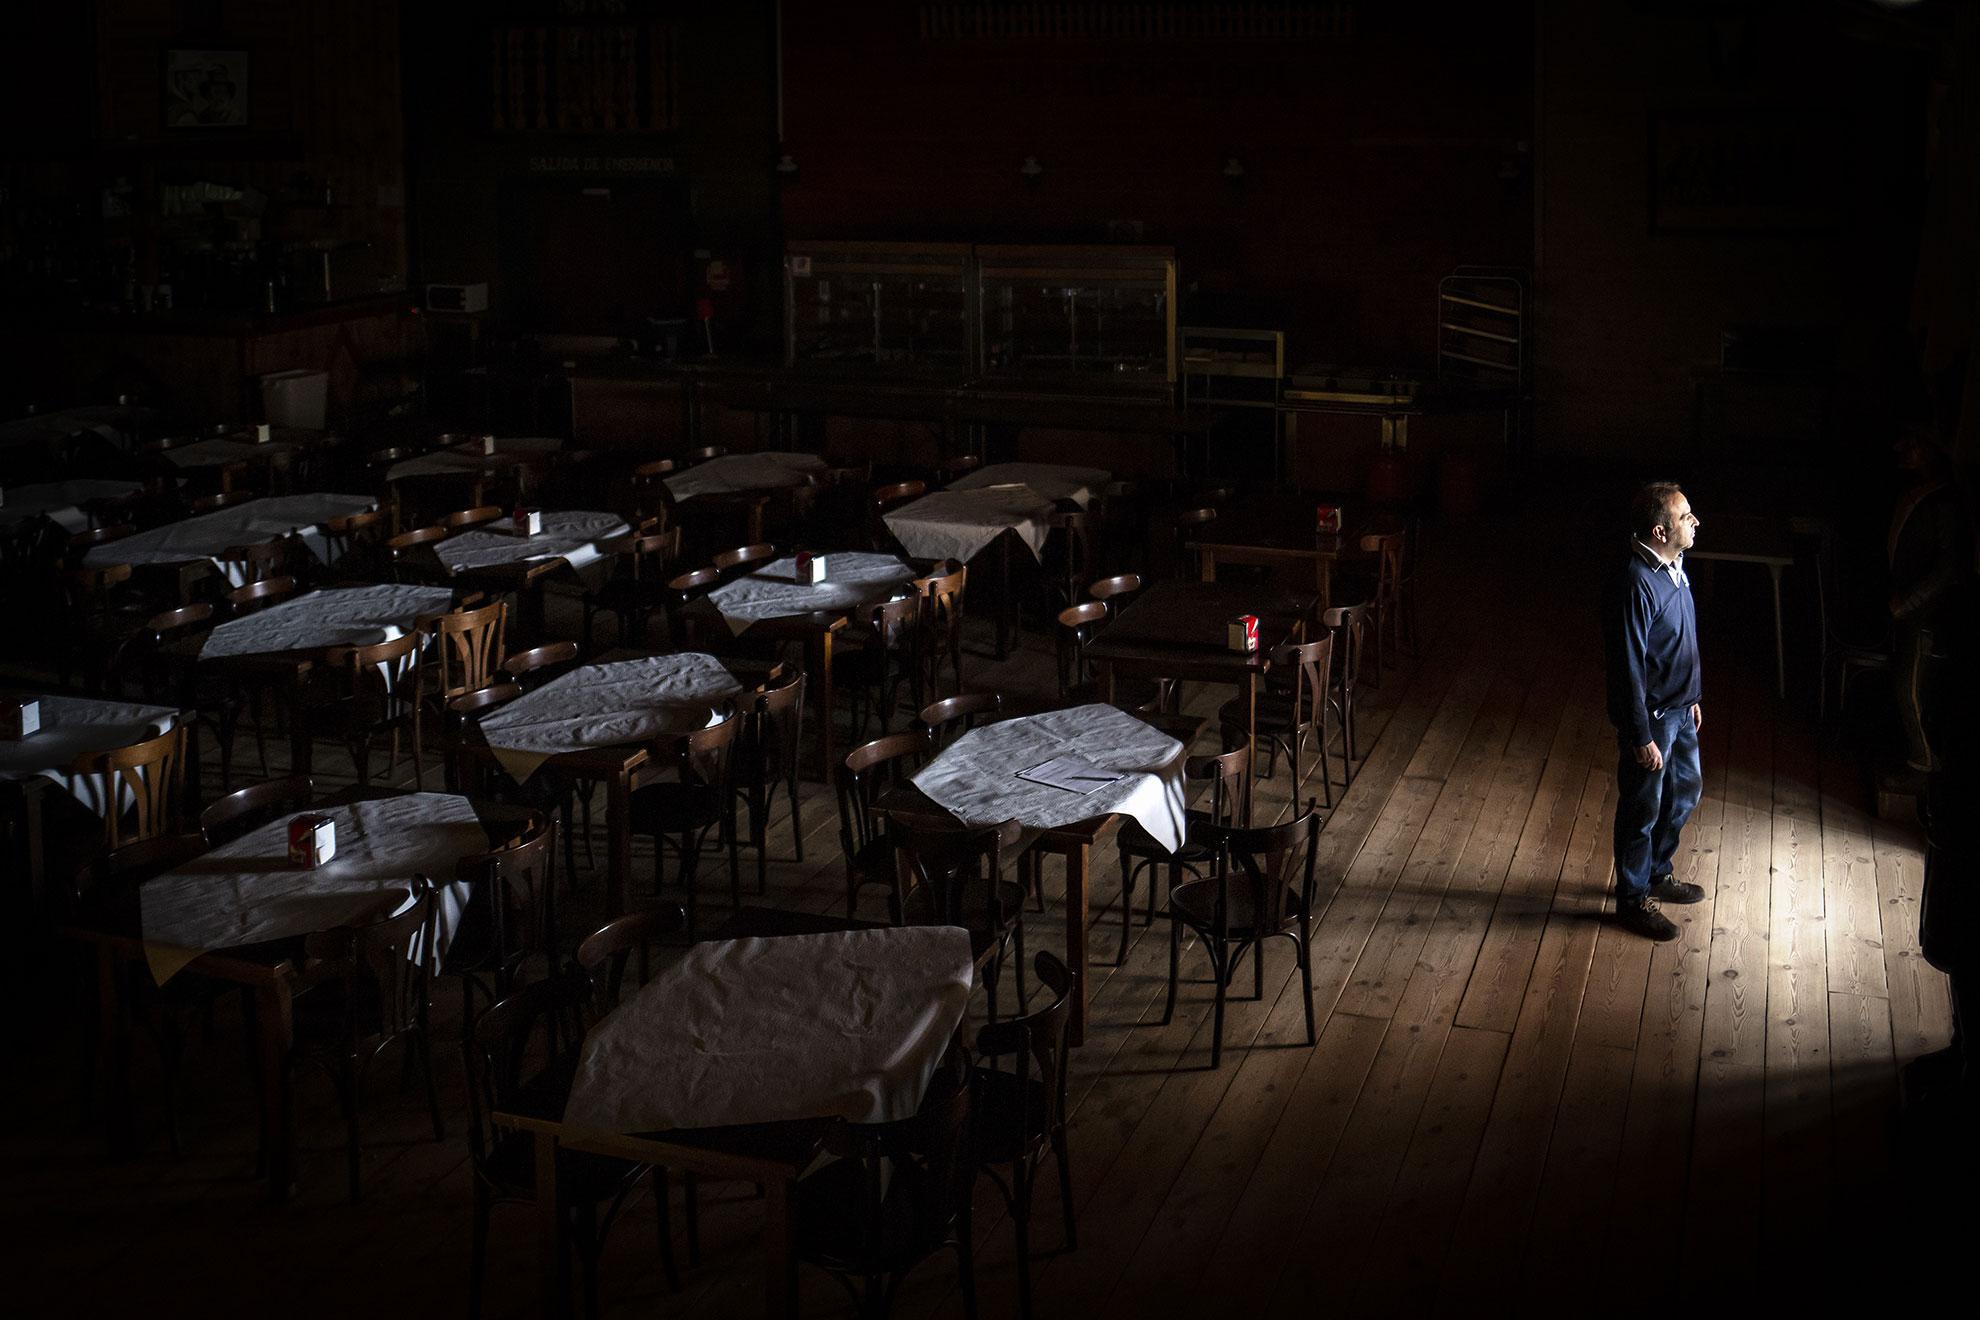 Jose A. Aguilera, gerente de un complejo de turismo rural en la Sierra de Sevilla, espera en la puerta de entrada de su restaurante la llegada de sus empleados para la firma del ERTE (Expediente de Regulación de Empleo Temporal) que ha tenido que aplicar a todos sus trabajadores por el cierre temporal de la empresa a causa de la crisis del Coronavirus.